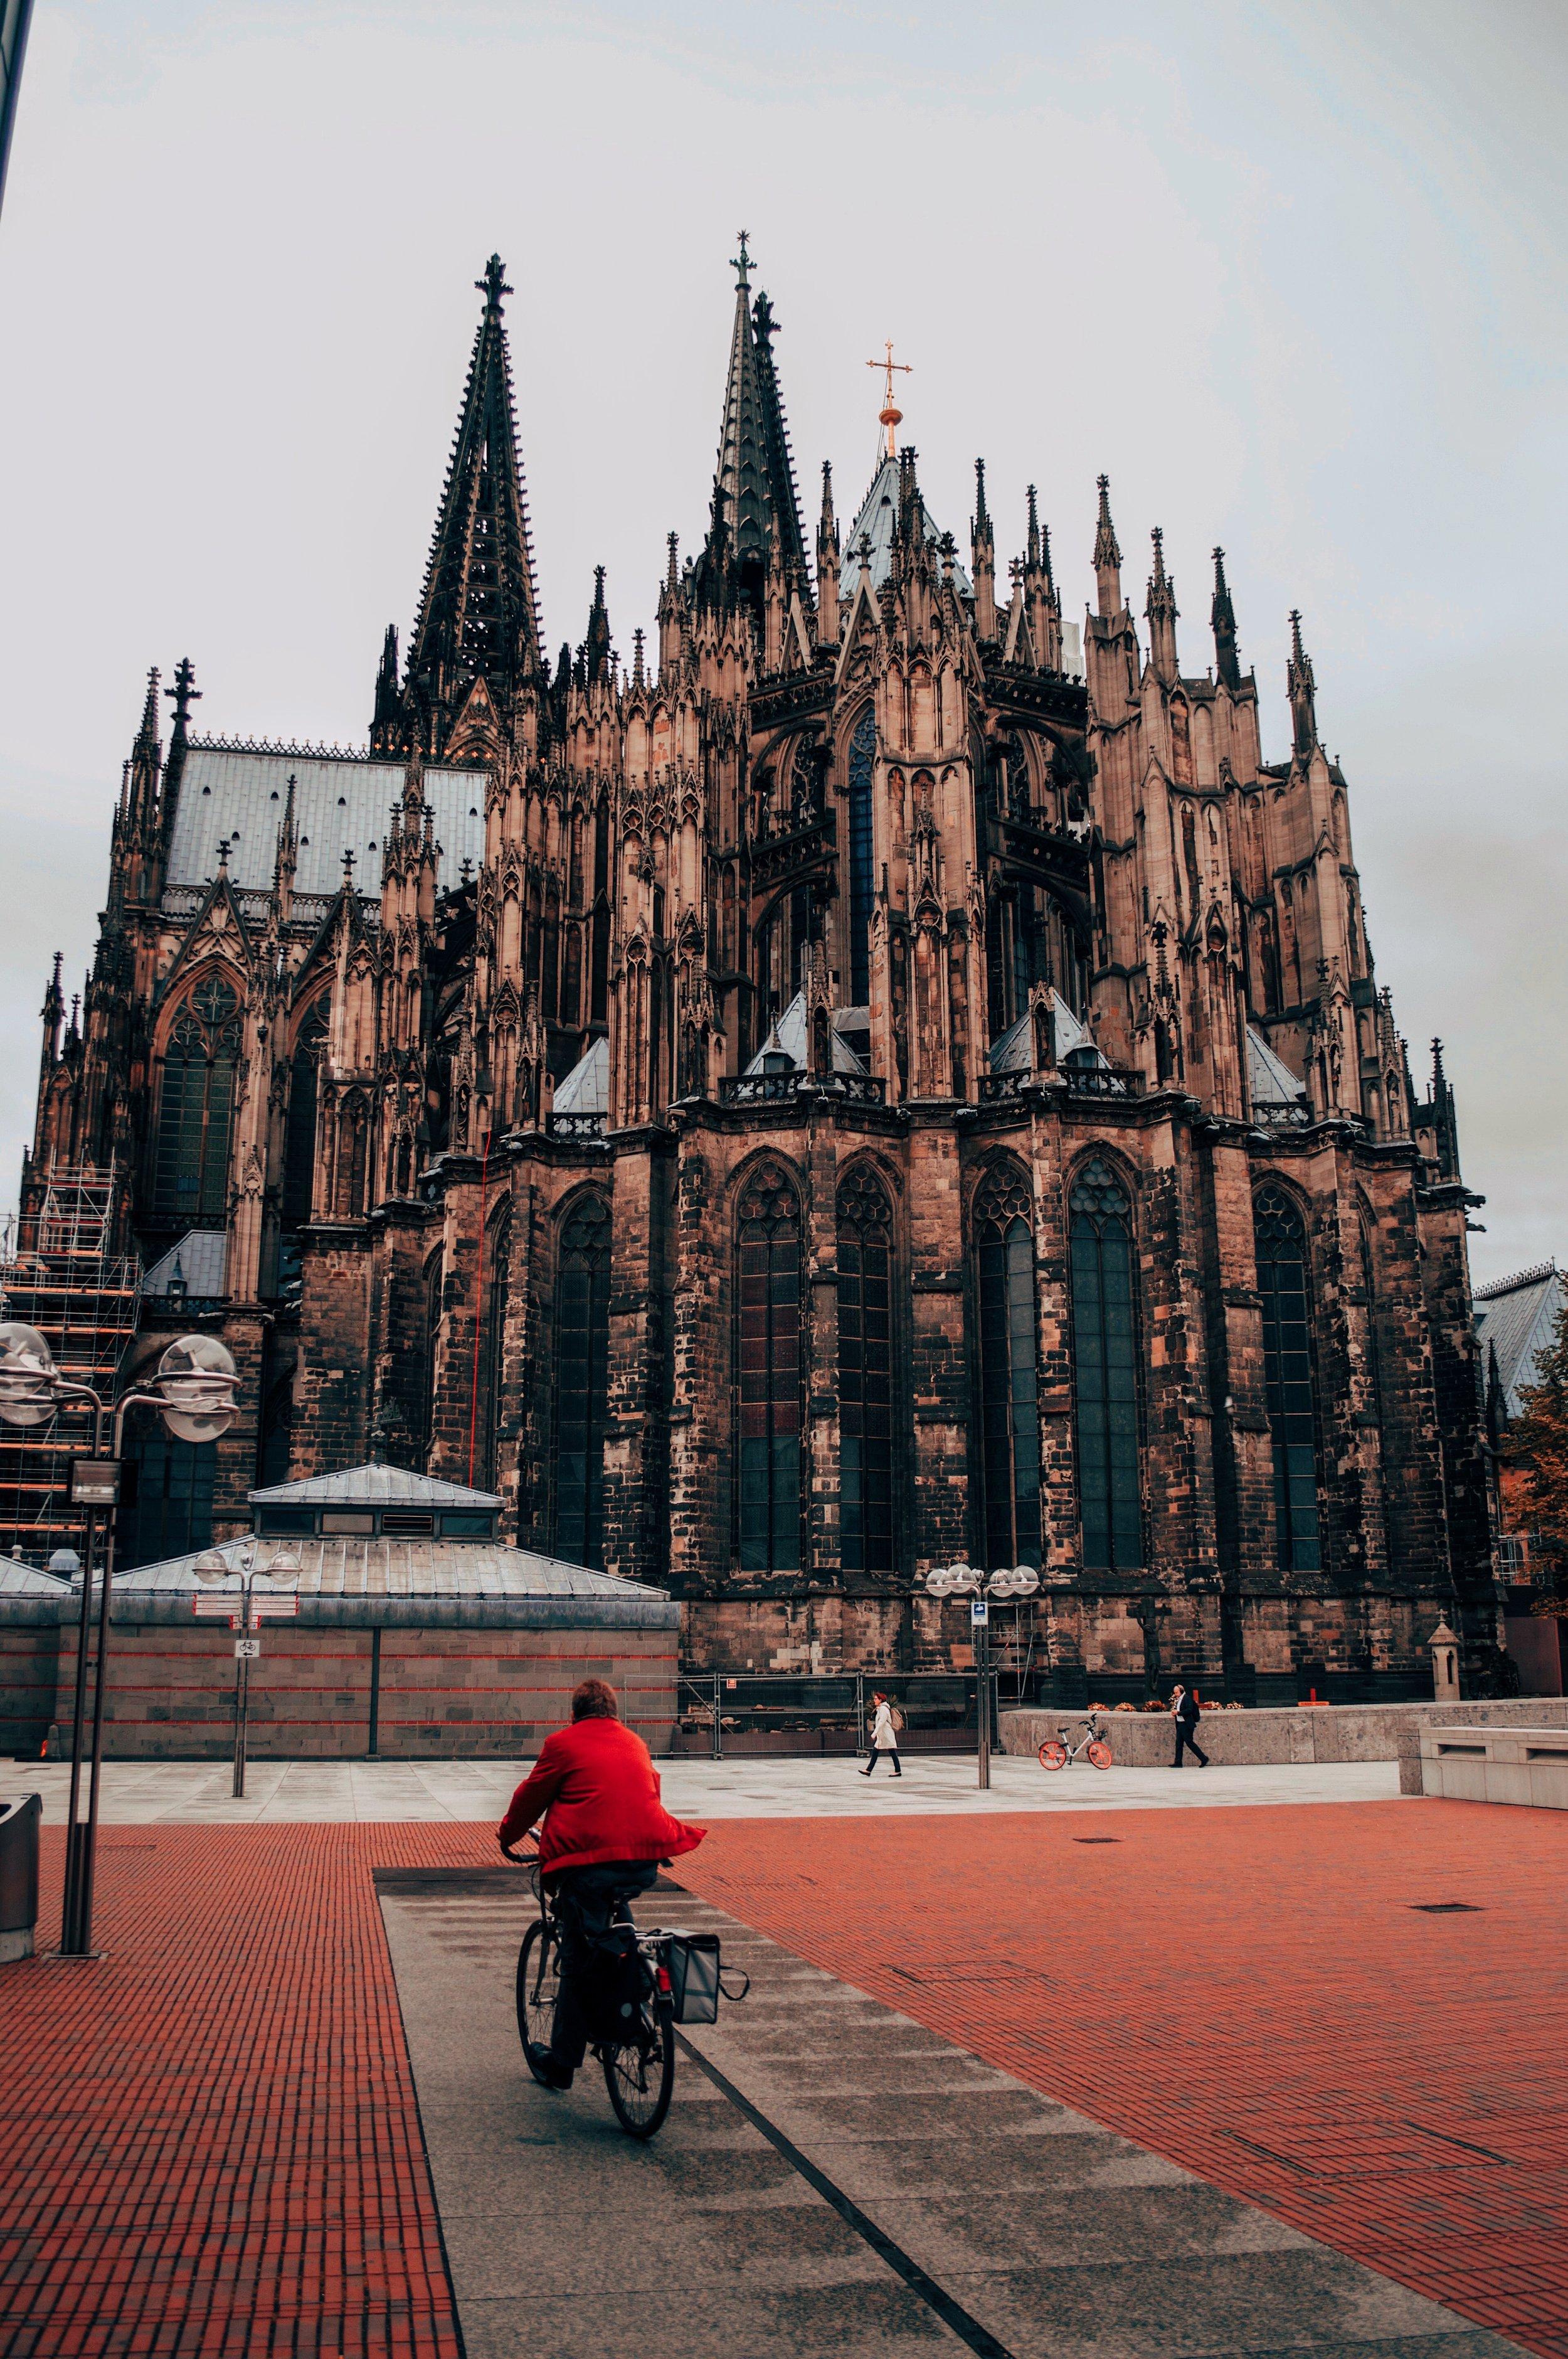 @jjgarcia_10 - Cologne Germany